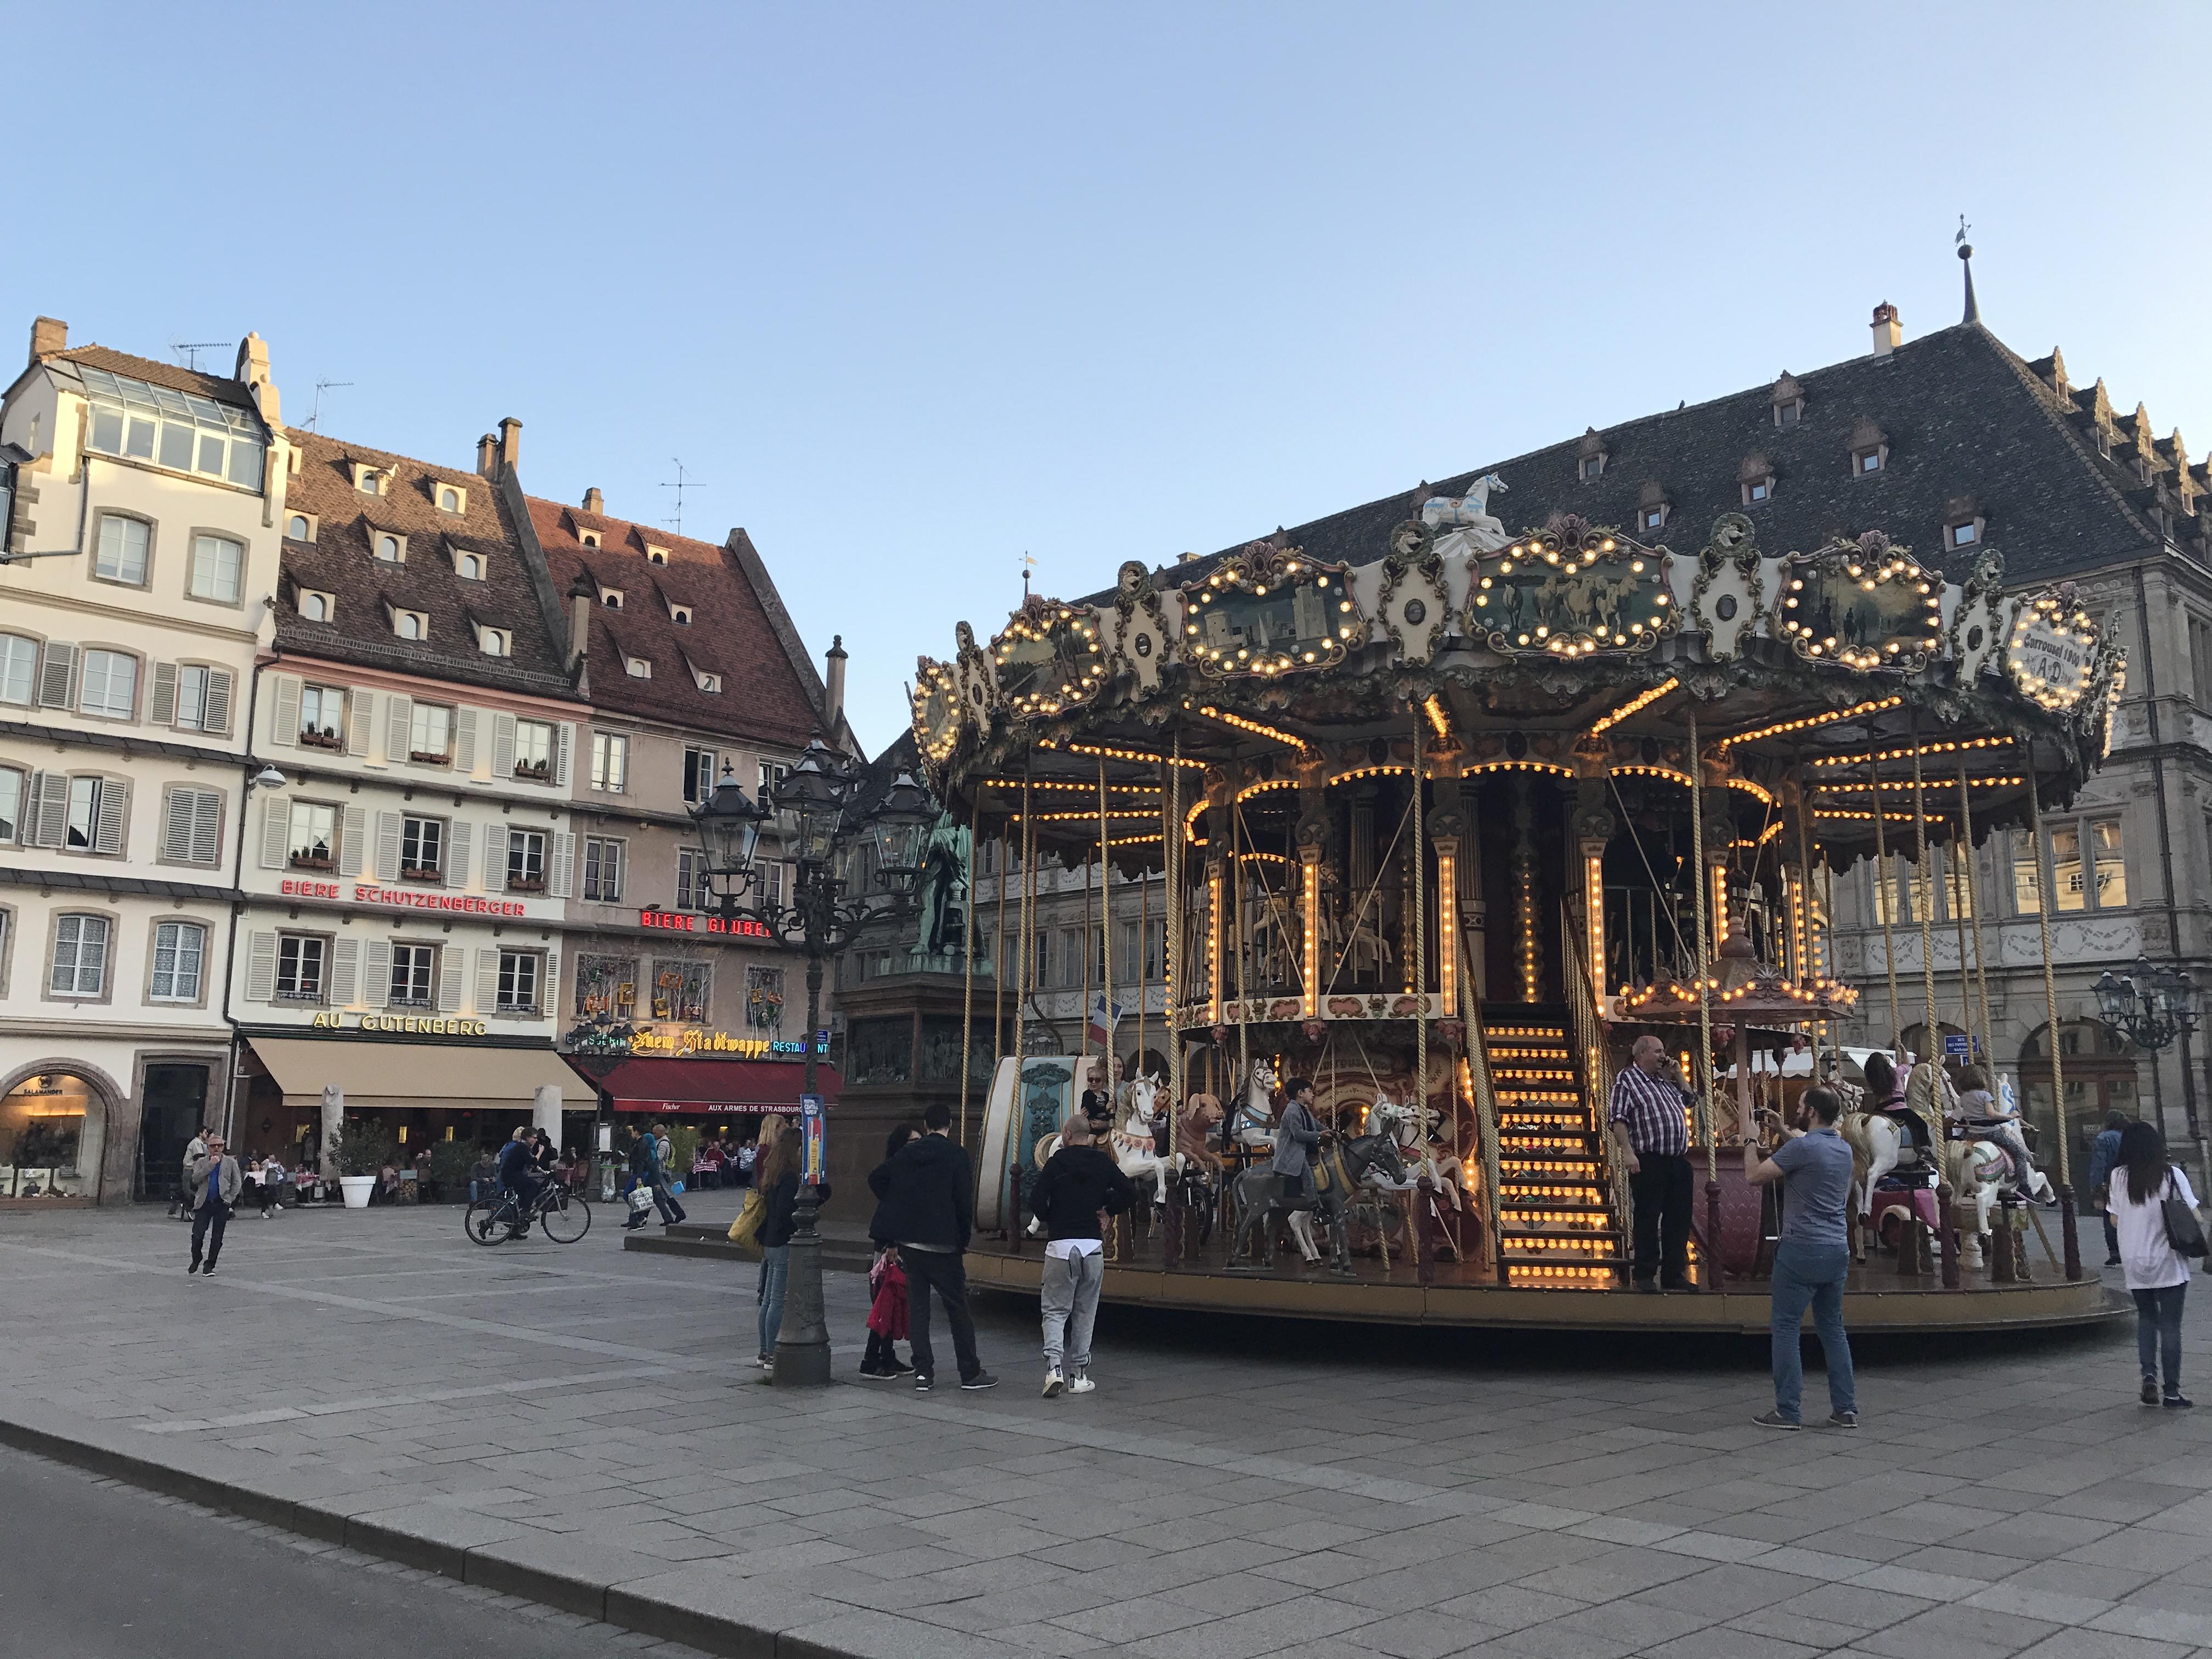 【フランス留学】渡仏3ヶ月経過。今一度、自分を見つめる。